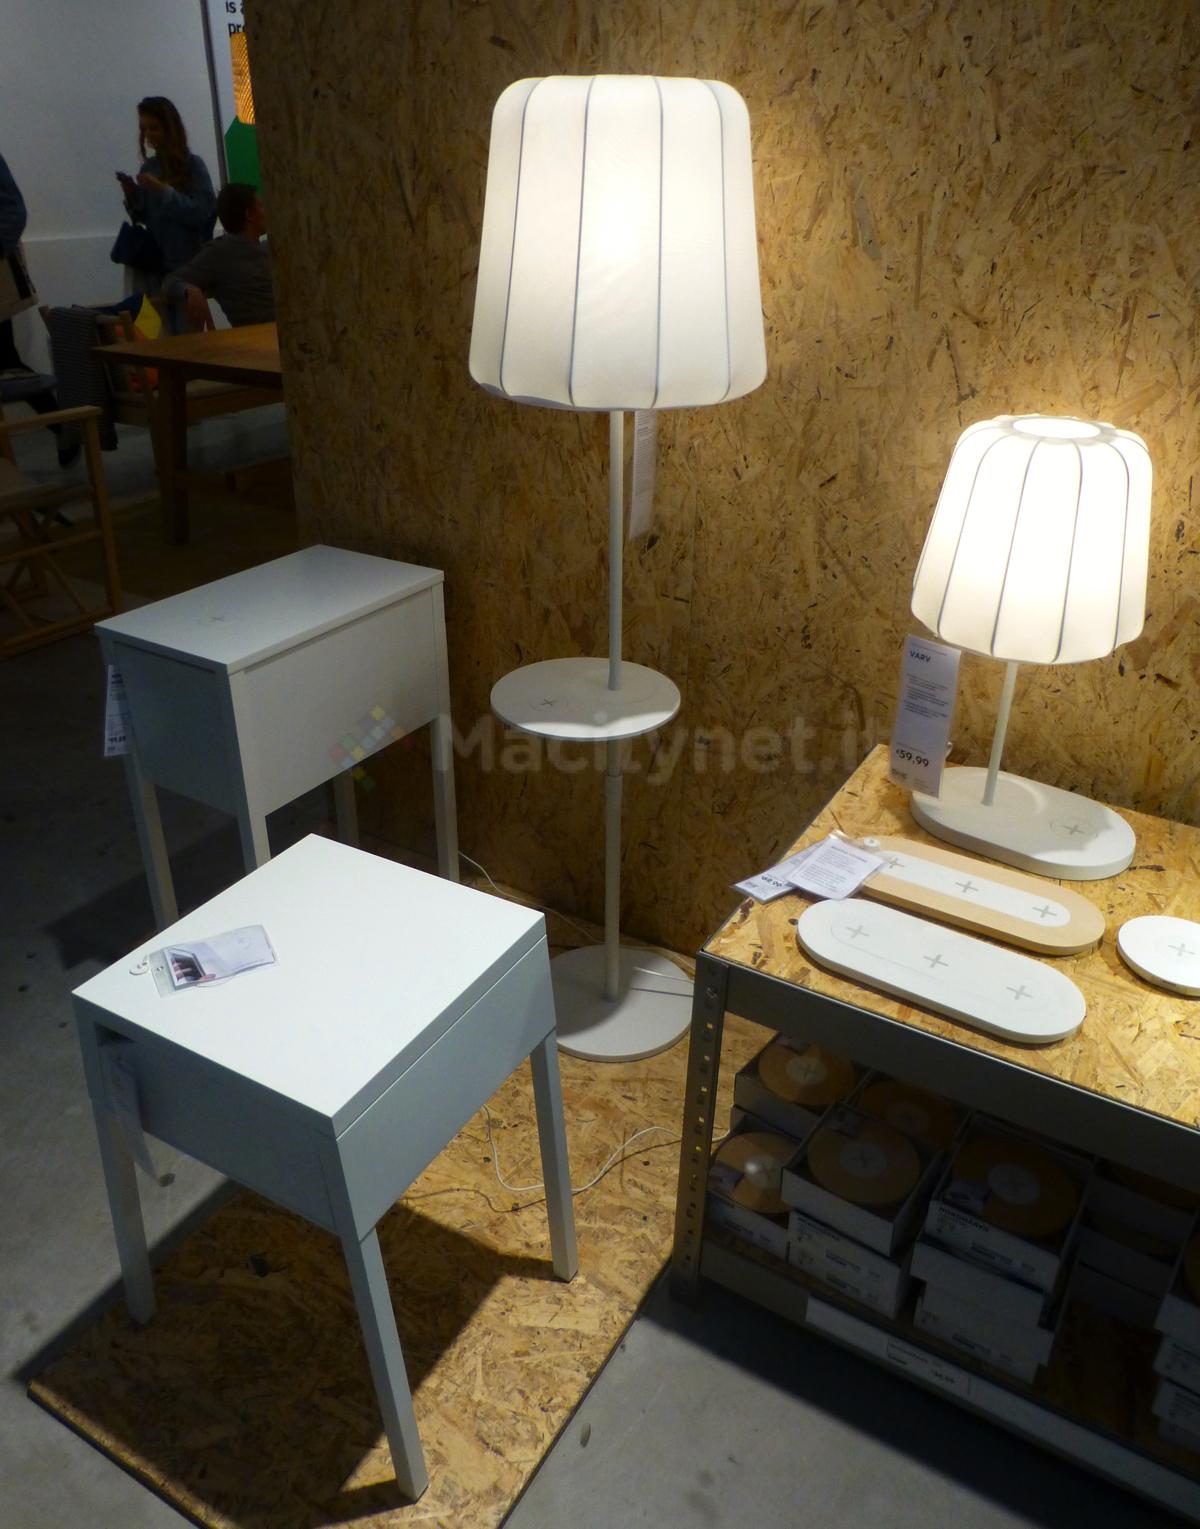 Energia senza fili, prezzi e caratteristiche di mobili e accessori IKEA ricarica wireless ...